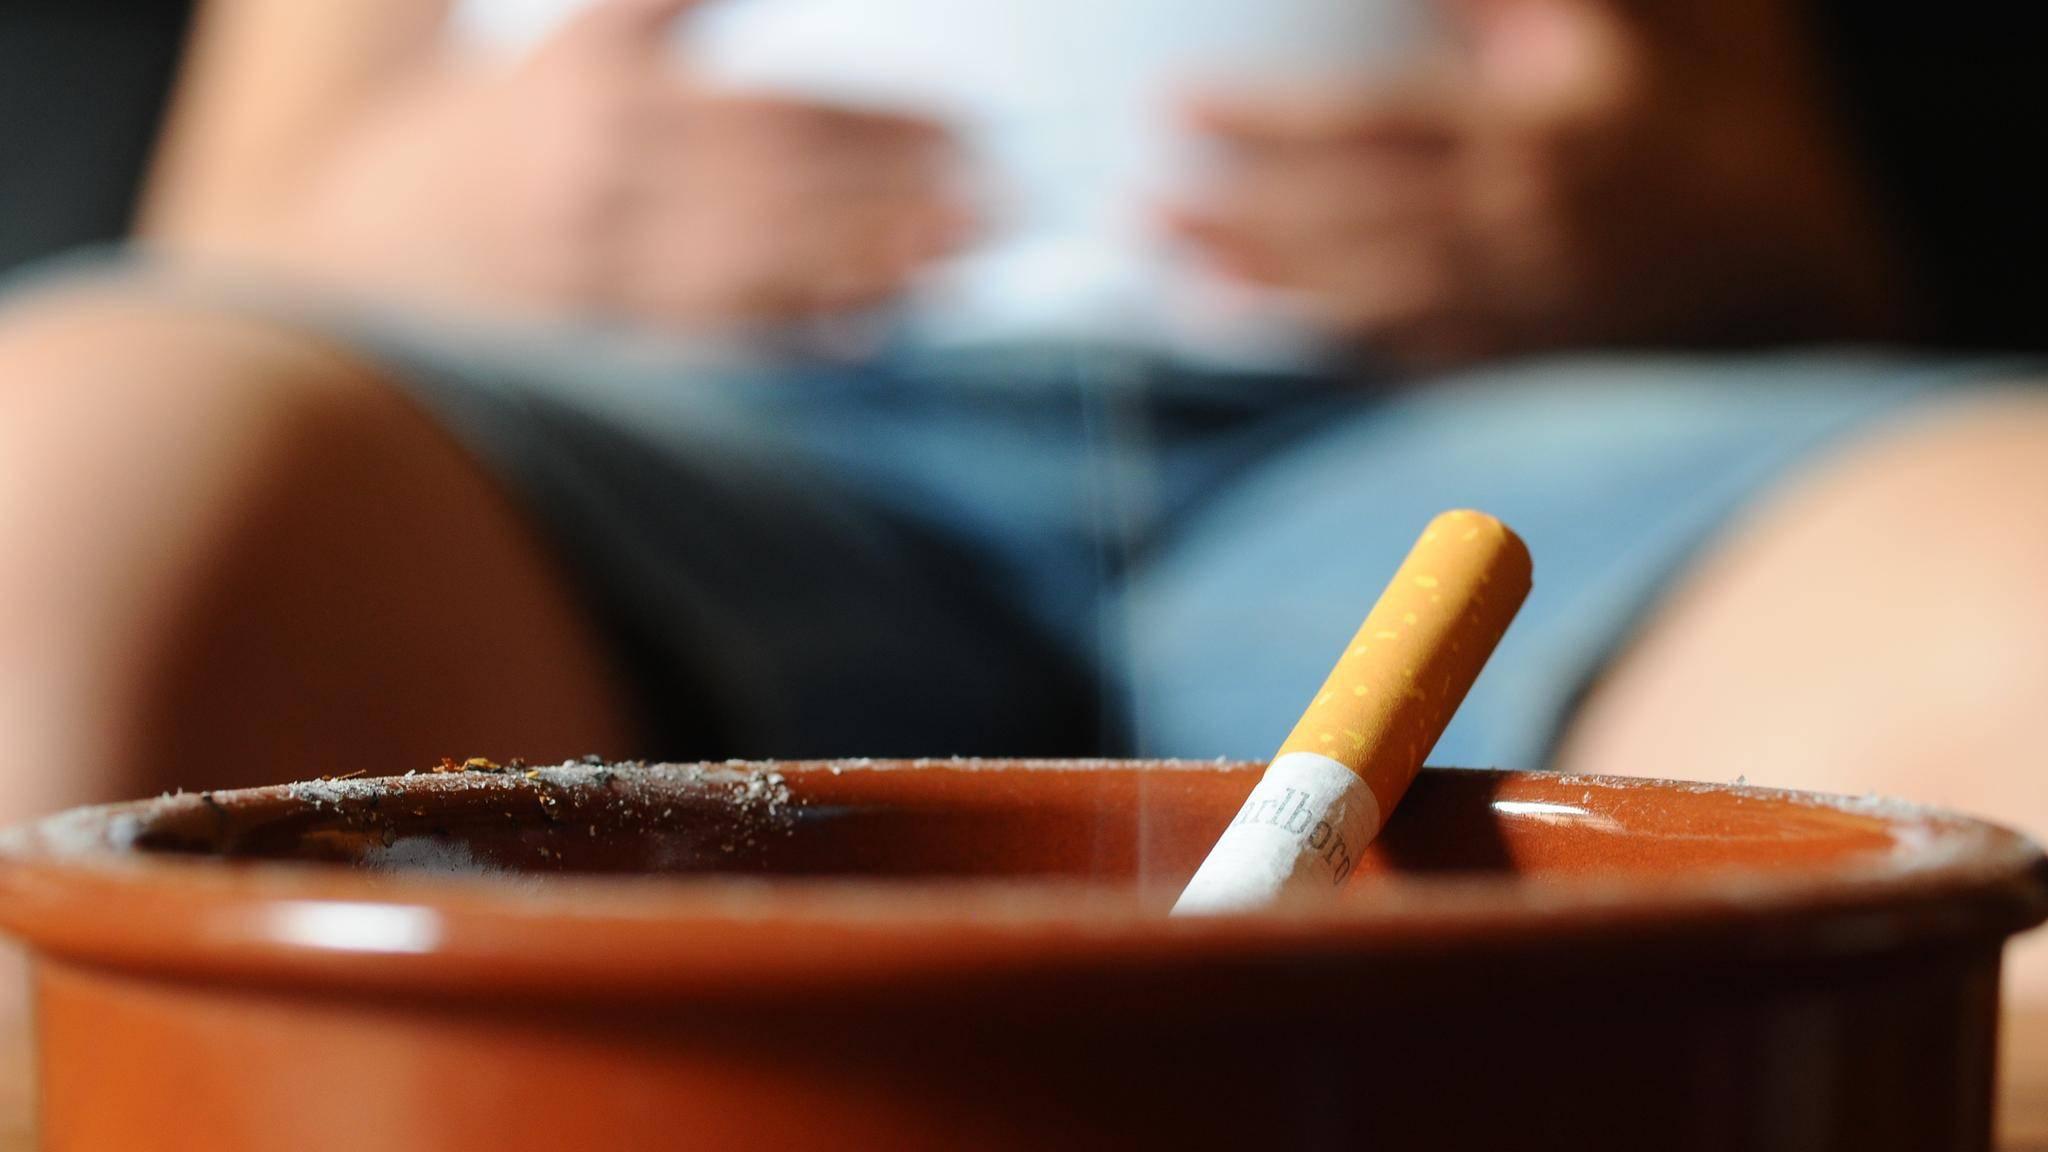 Rauchen In Der Schwangerschaft: Das Sind Mögliche Folgen ganzes Warum Sollten Schwangere Nicht Rauchen